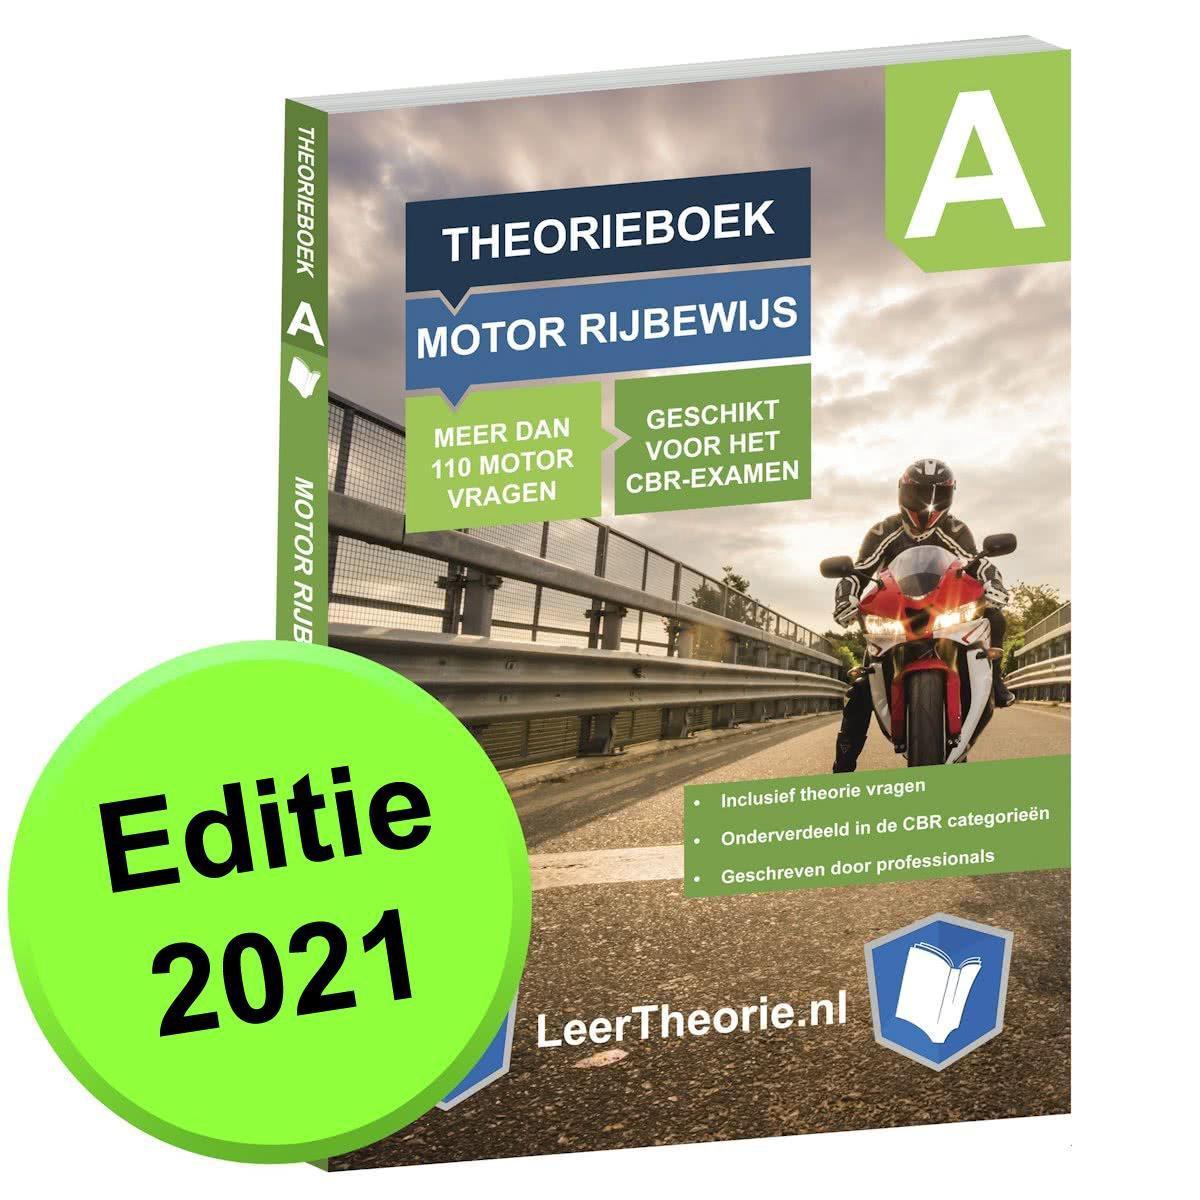 Theorieboek Motor Motorfiets Rijbewijs A Nederland - Theorie Leren Motor 2021